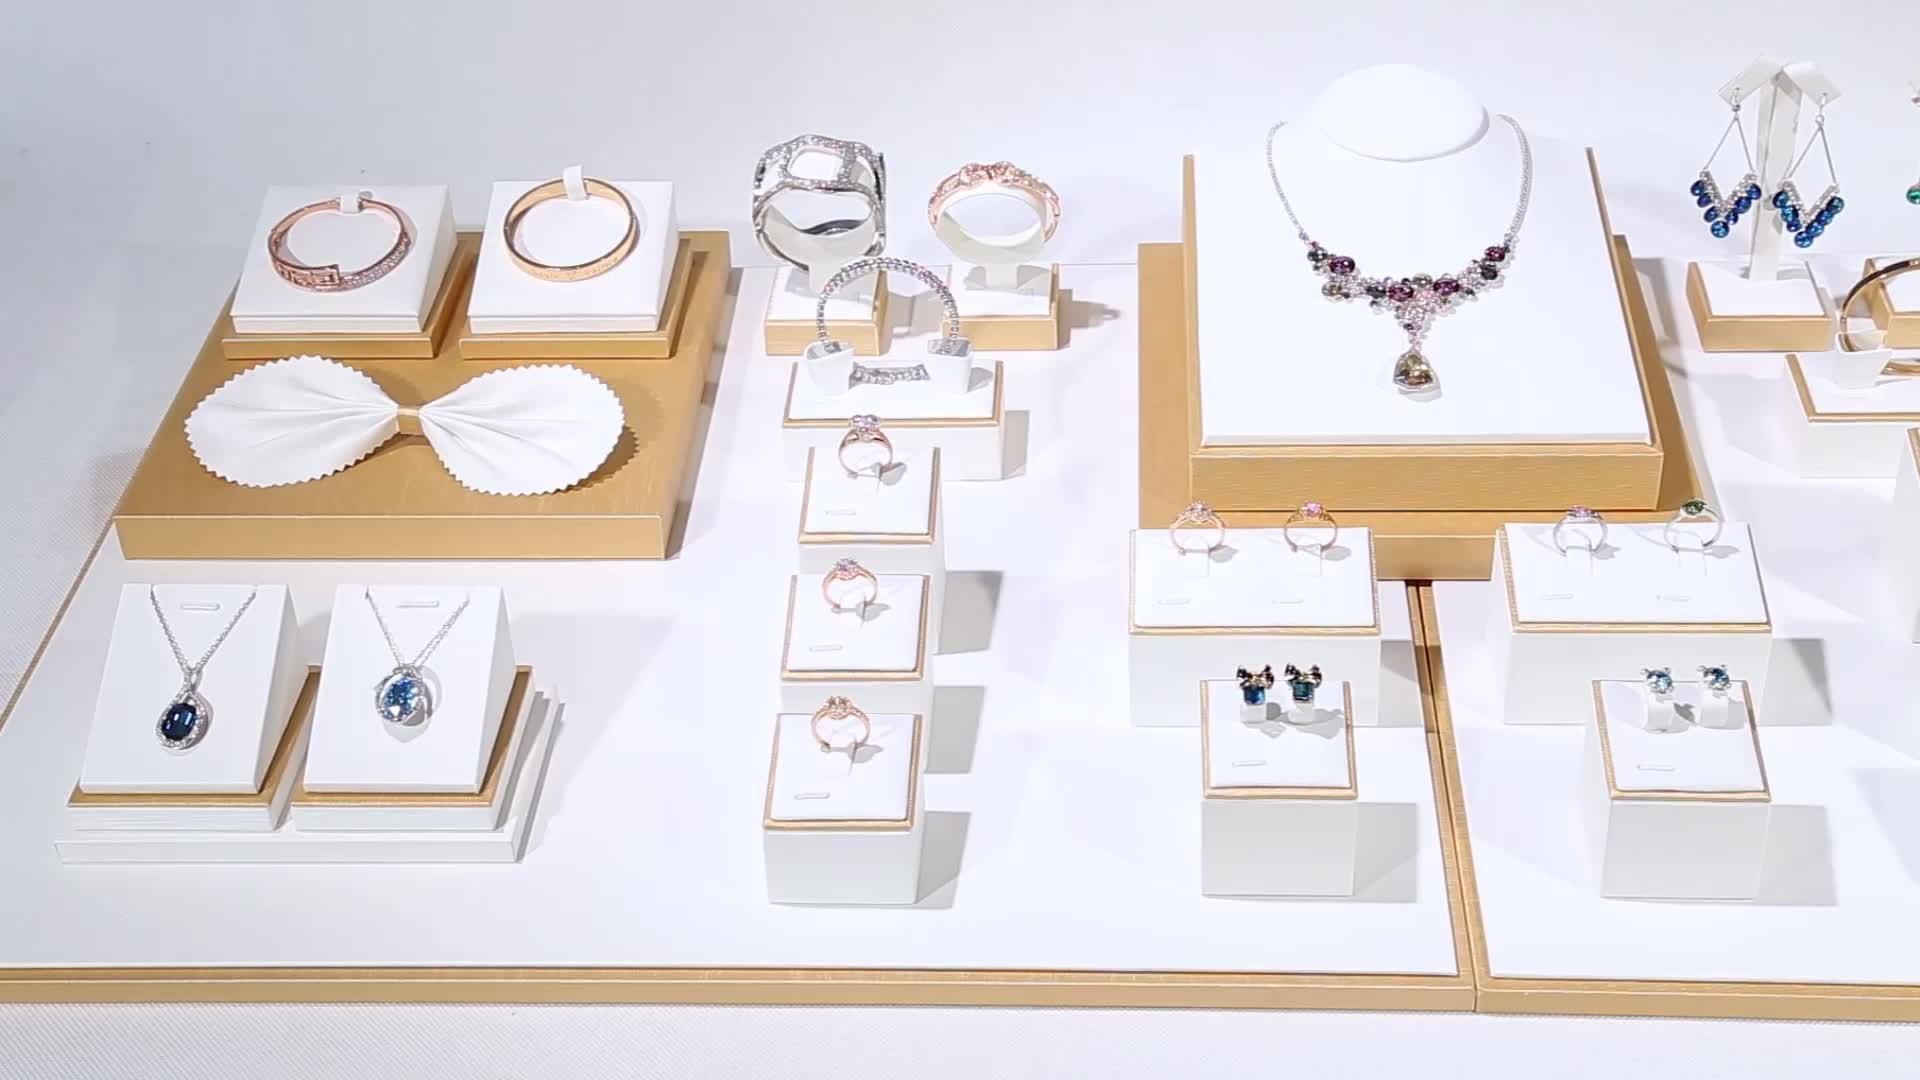 DIGU Groothandel Aangepaste Sieraden display set PU Sieraden display stand teller ring ketting oorbellen display stand props